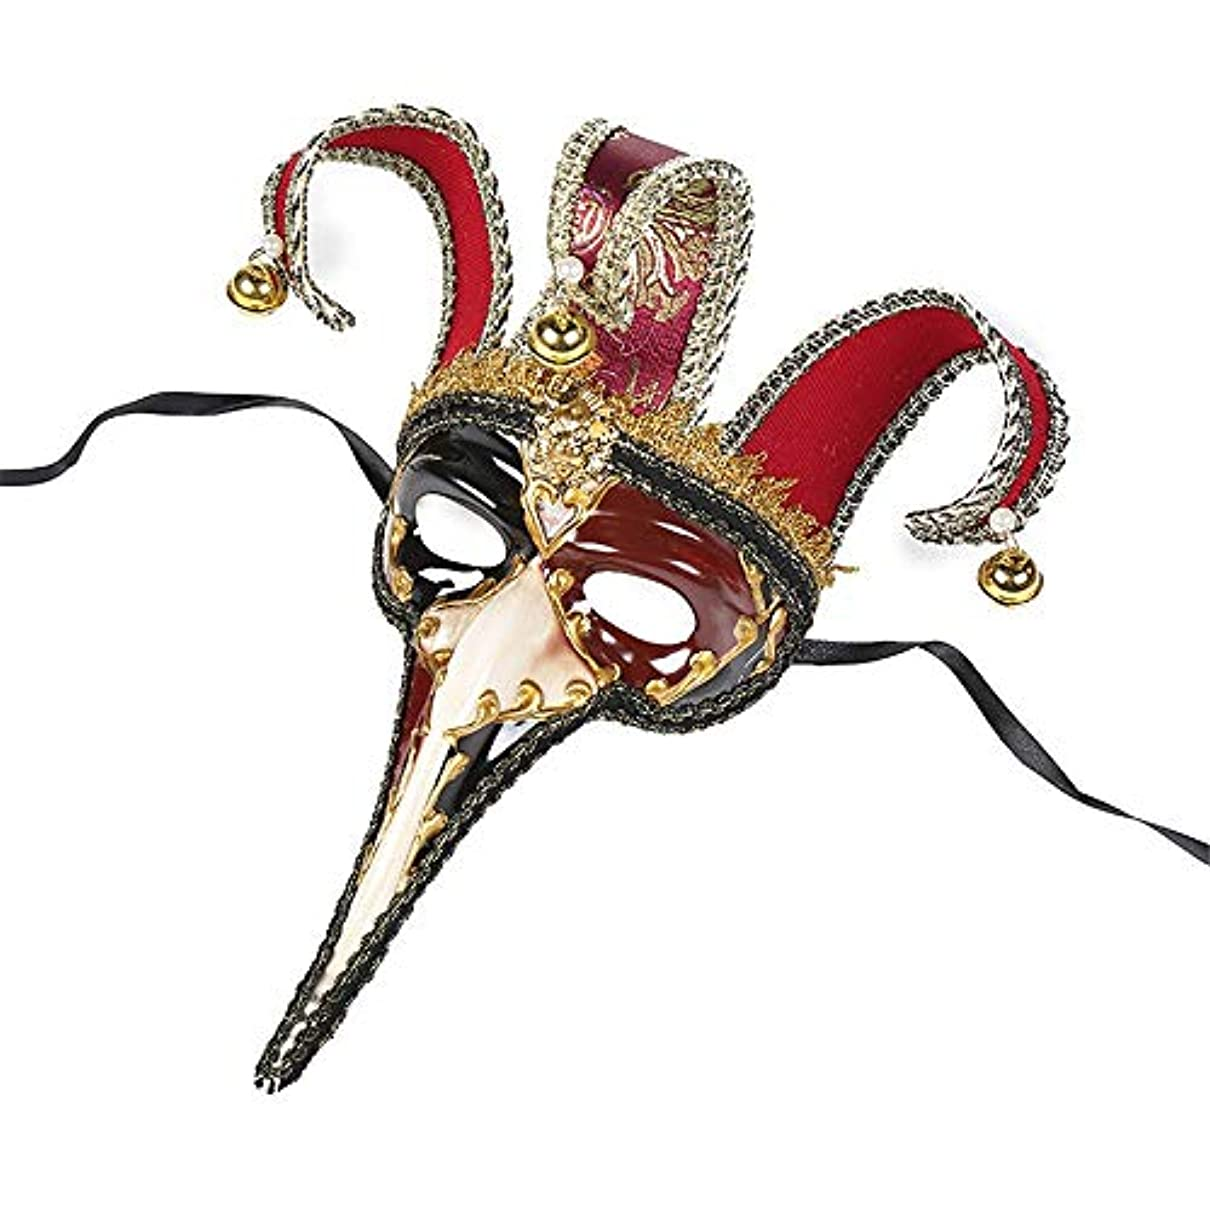 美徳背骨性交ダンスマスク ハーフフェイス鼻フラミンゴハロウィーン仮装雰囲気クリスマスフェスティバルロールプレイングプラスチックマスク ホリデーパーティー用品 (色 : 赤, サイズ : 42x15cm)